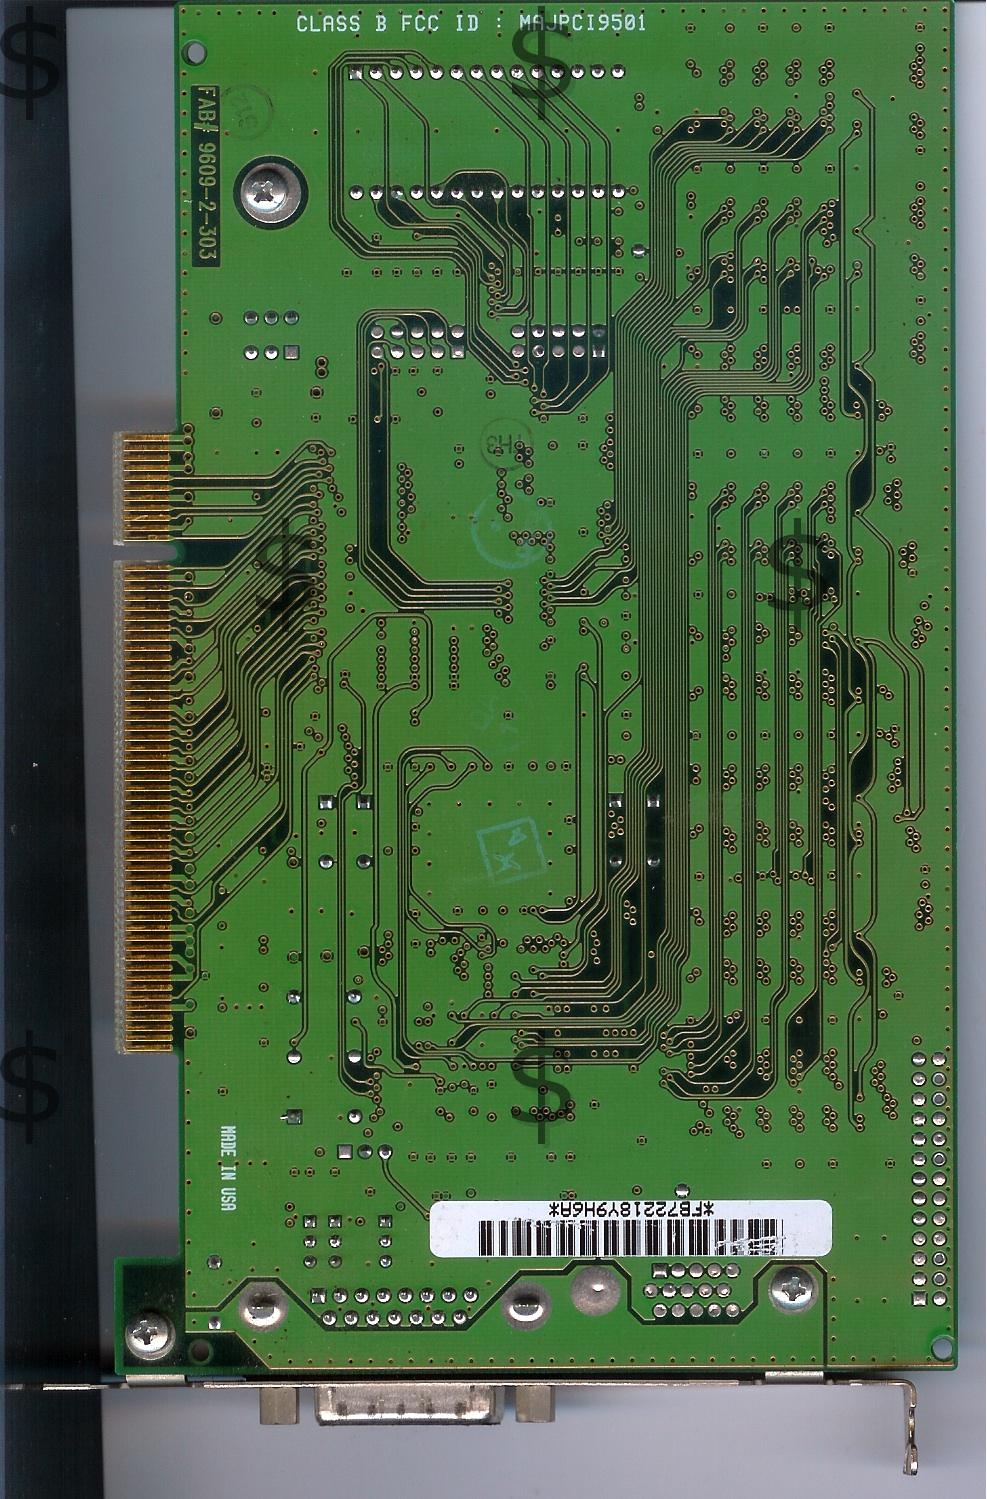 IxMicro Twin Turbo 128+ Back